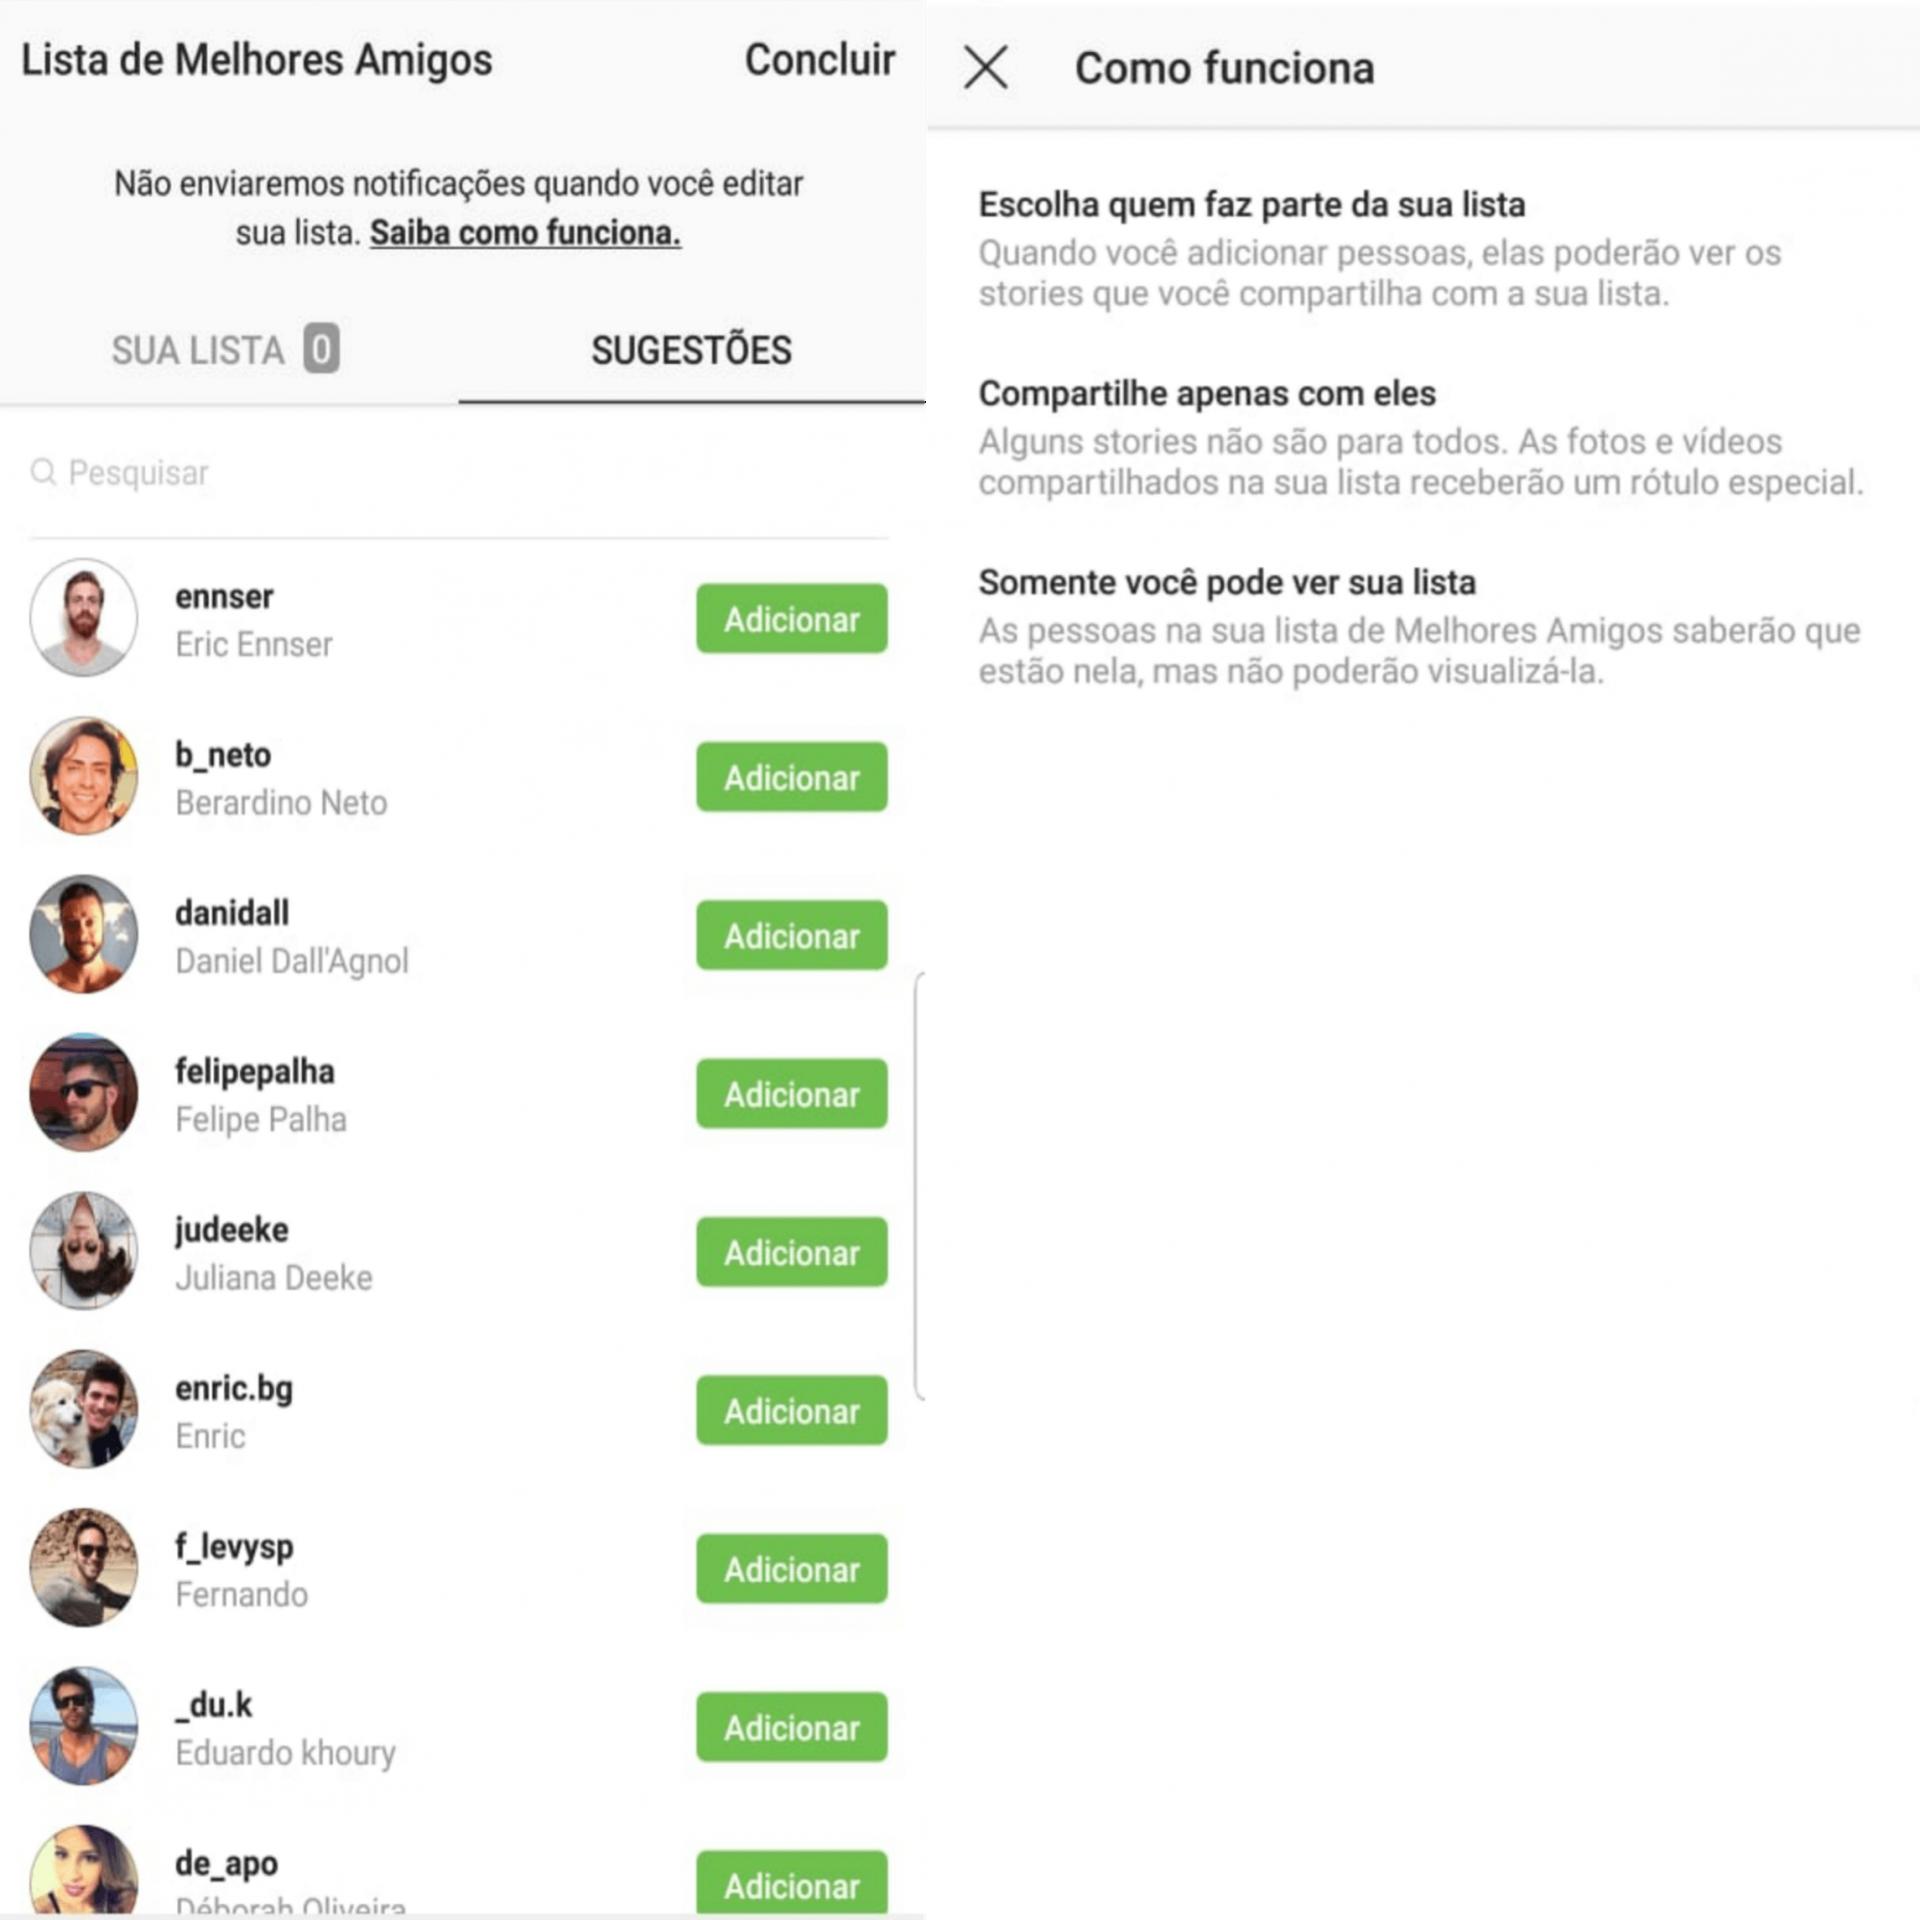 PicsArt 12 02 06.34.44 - Tutorial: como criar sua lista de melhores amigos no Instagram Stories